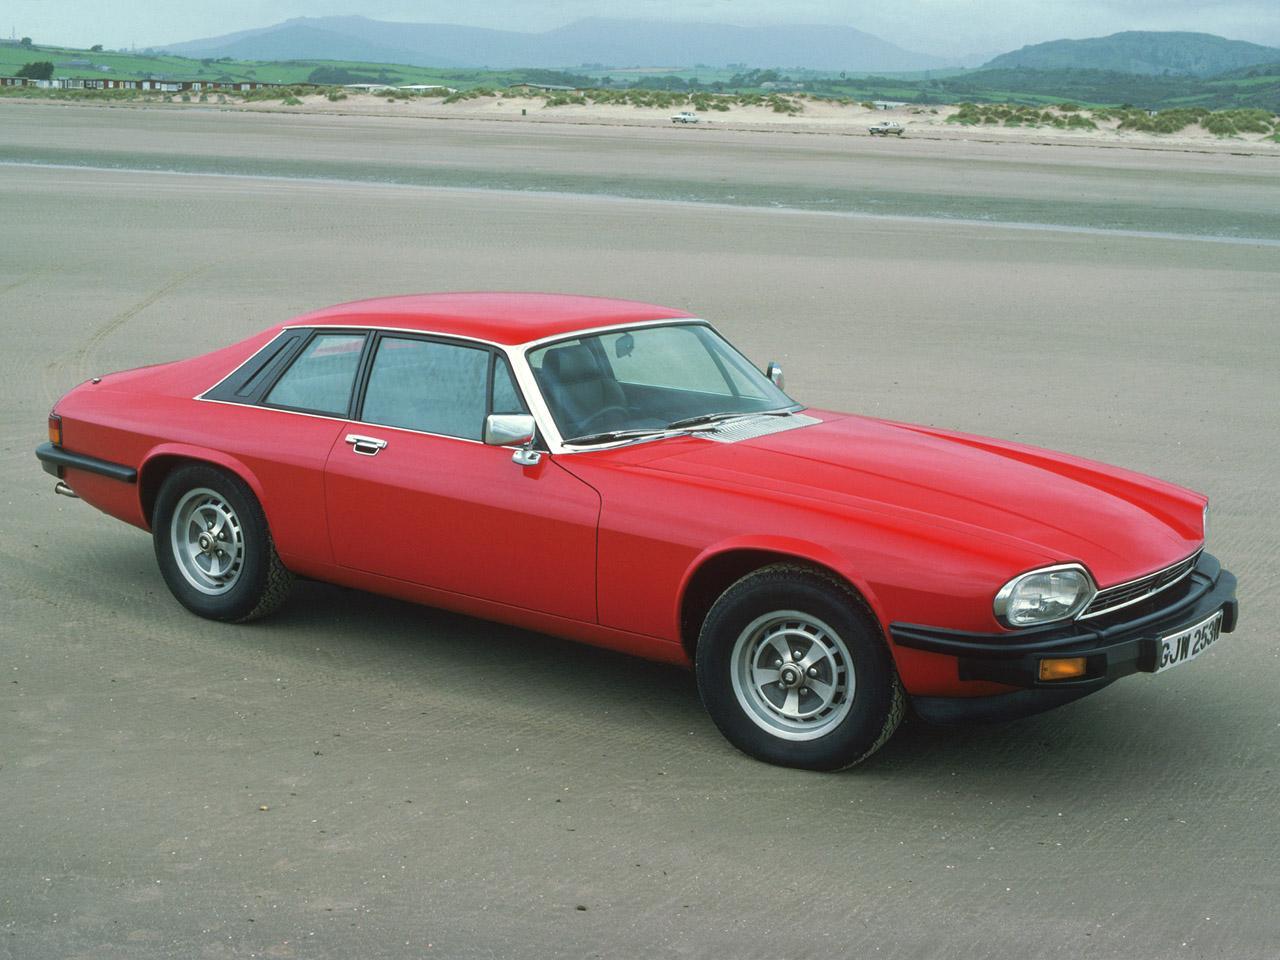 Jaguar xjs photos photogallery with 69 pics carsbase jaguar xjs pic publicscrutiny Gallery